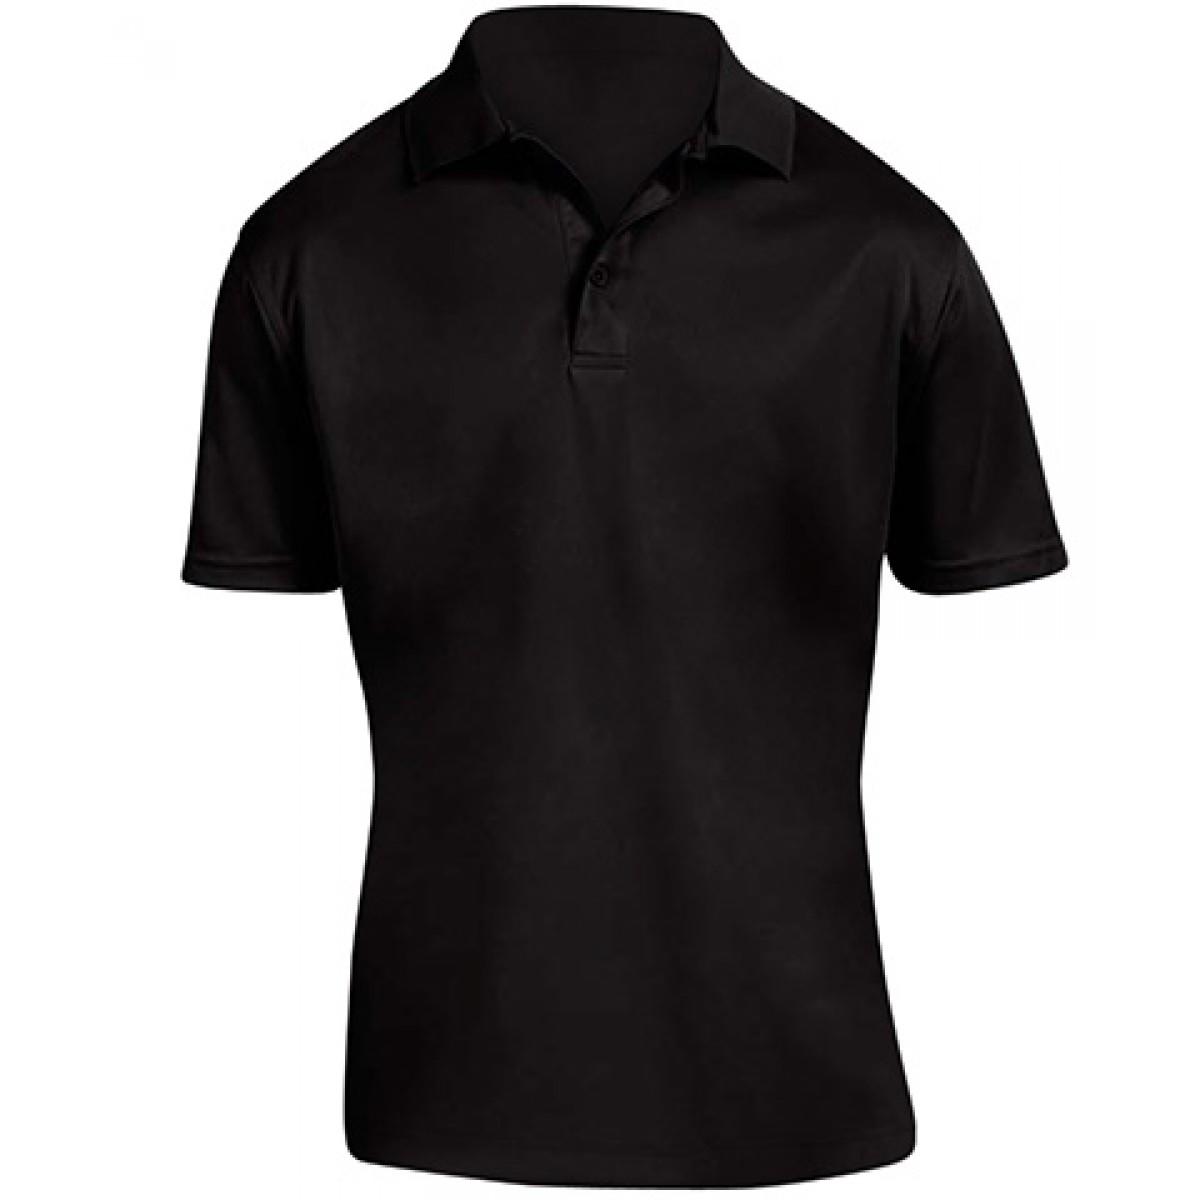 Men's 4 oz. Polytech Polo-Black-M